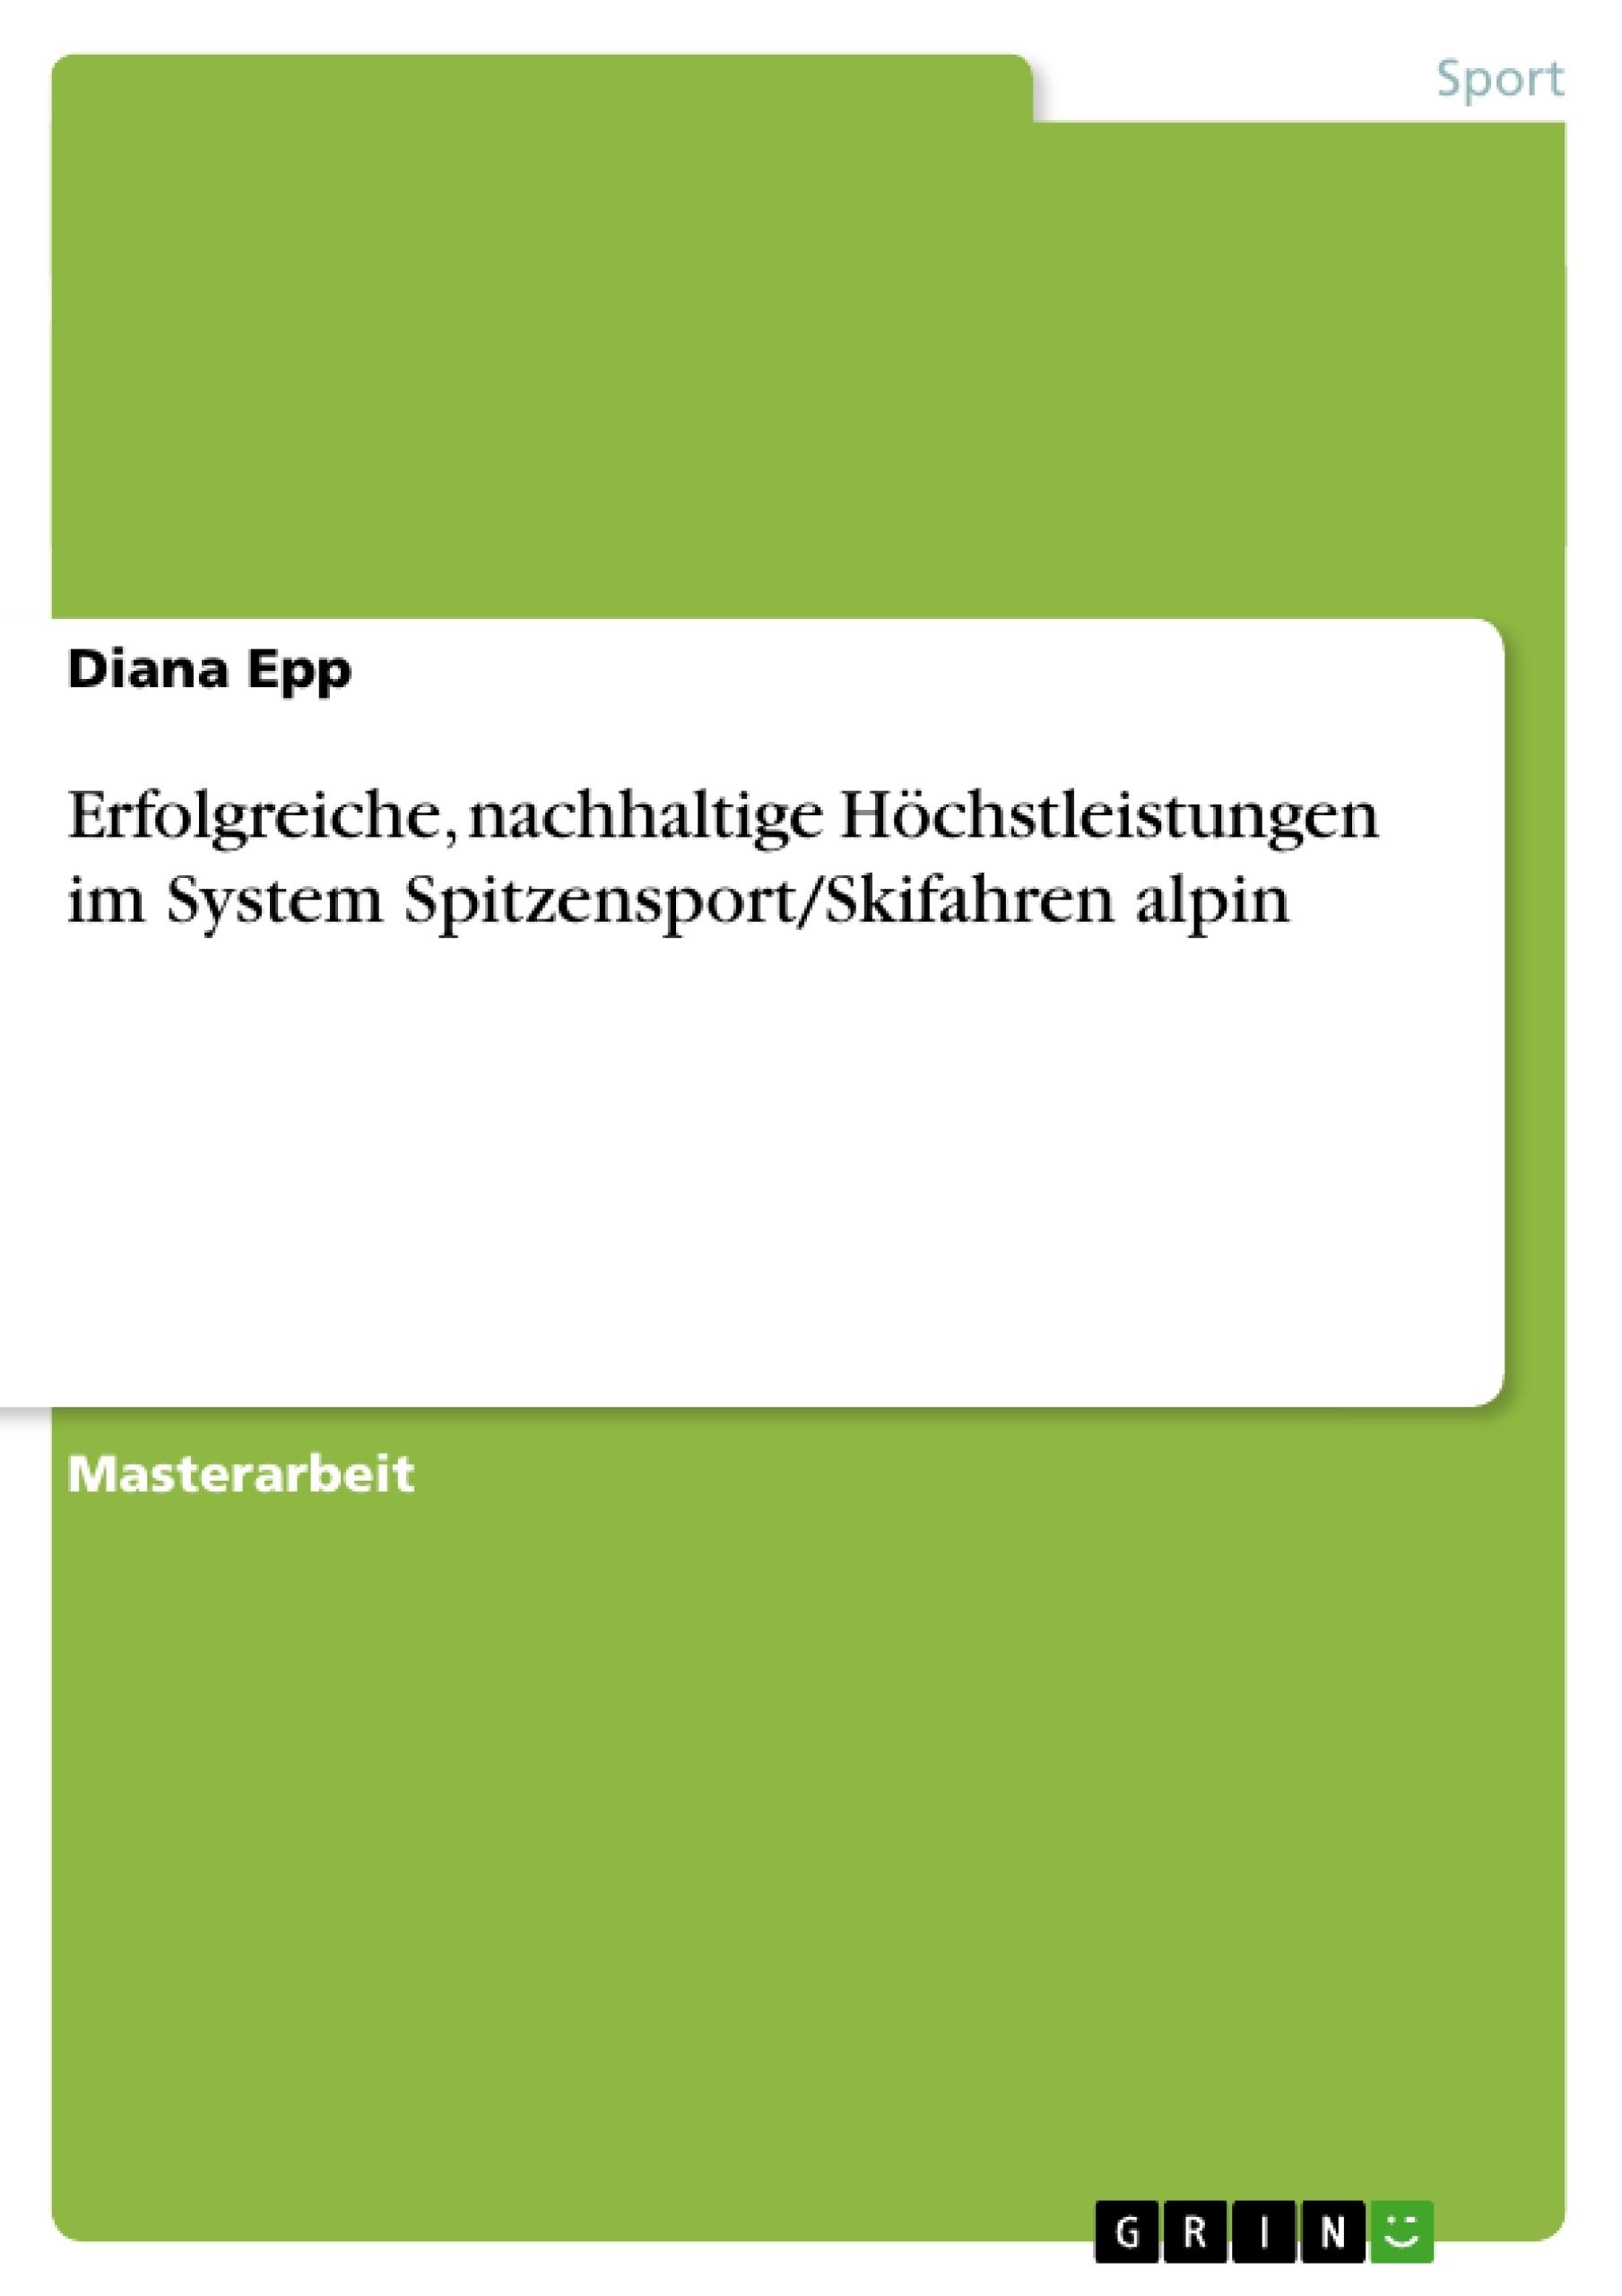 Titel: Erfolgreiche, nachhaltige Höchstleistungen im System Spitzensport/Skifahren alpin